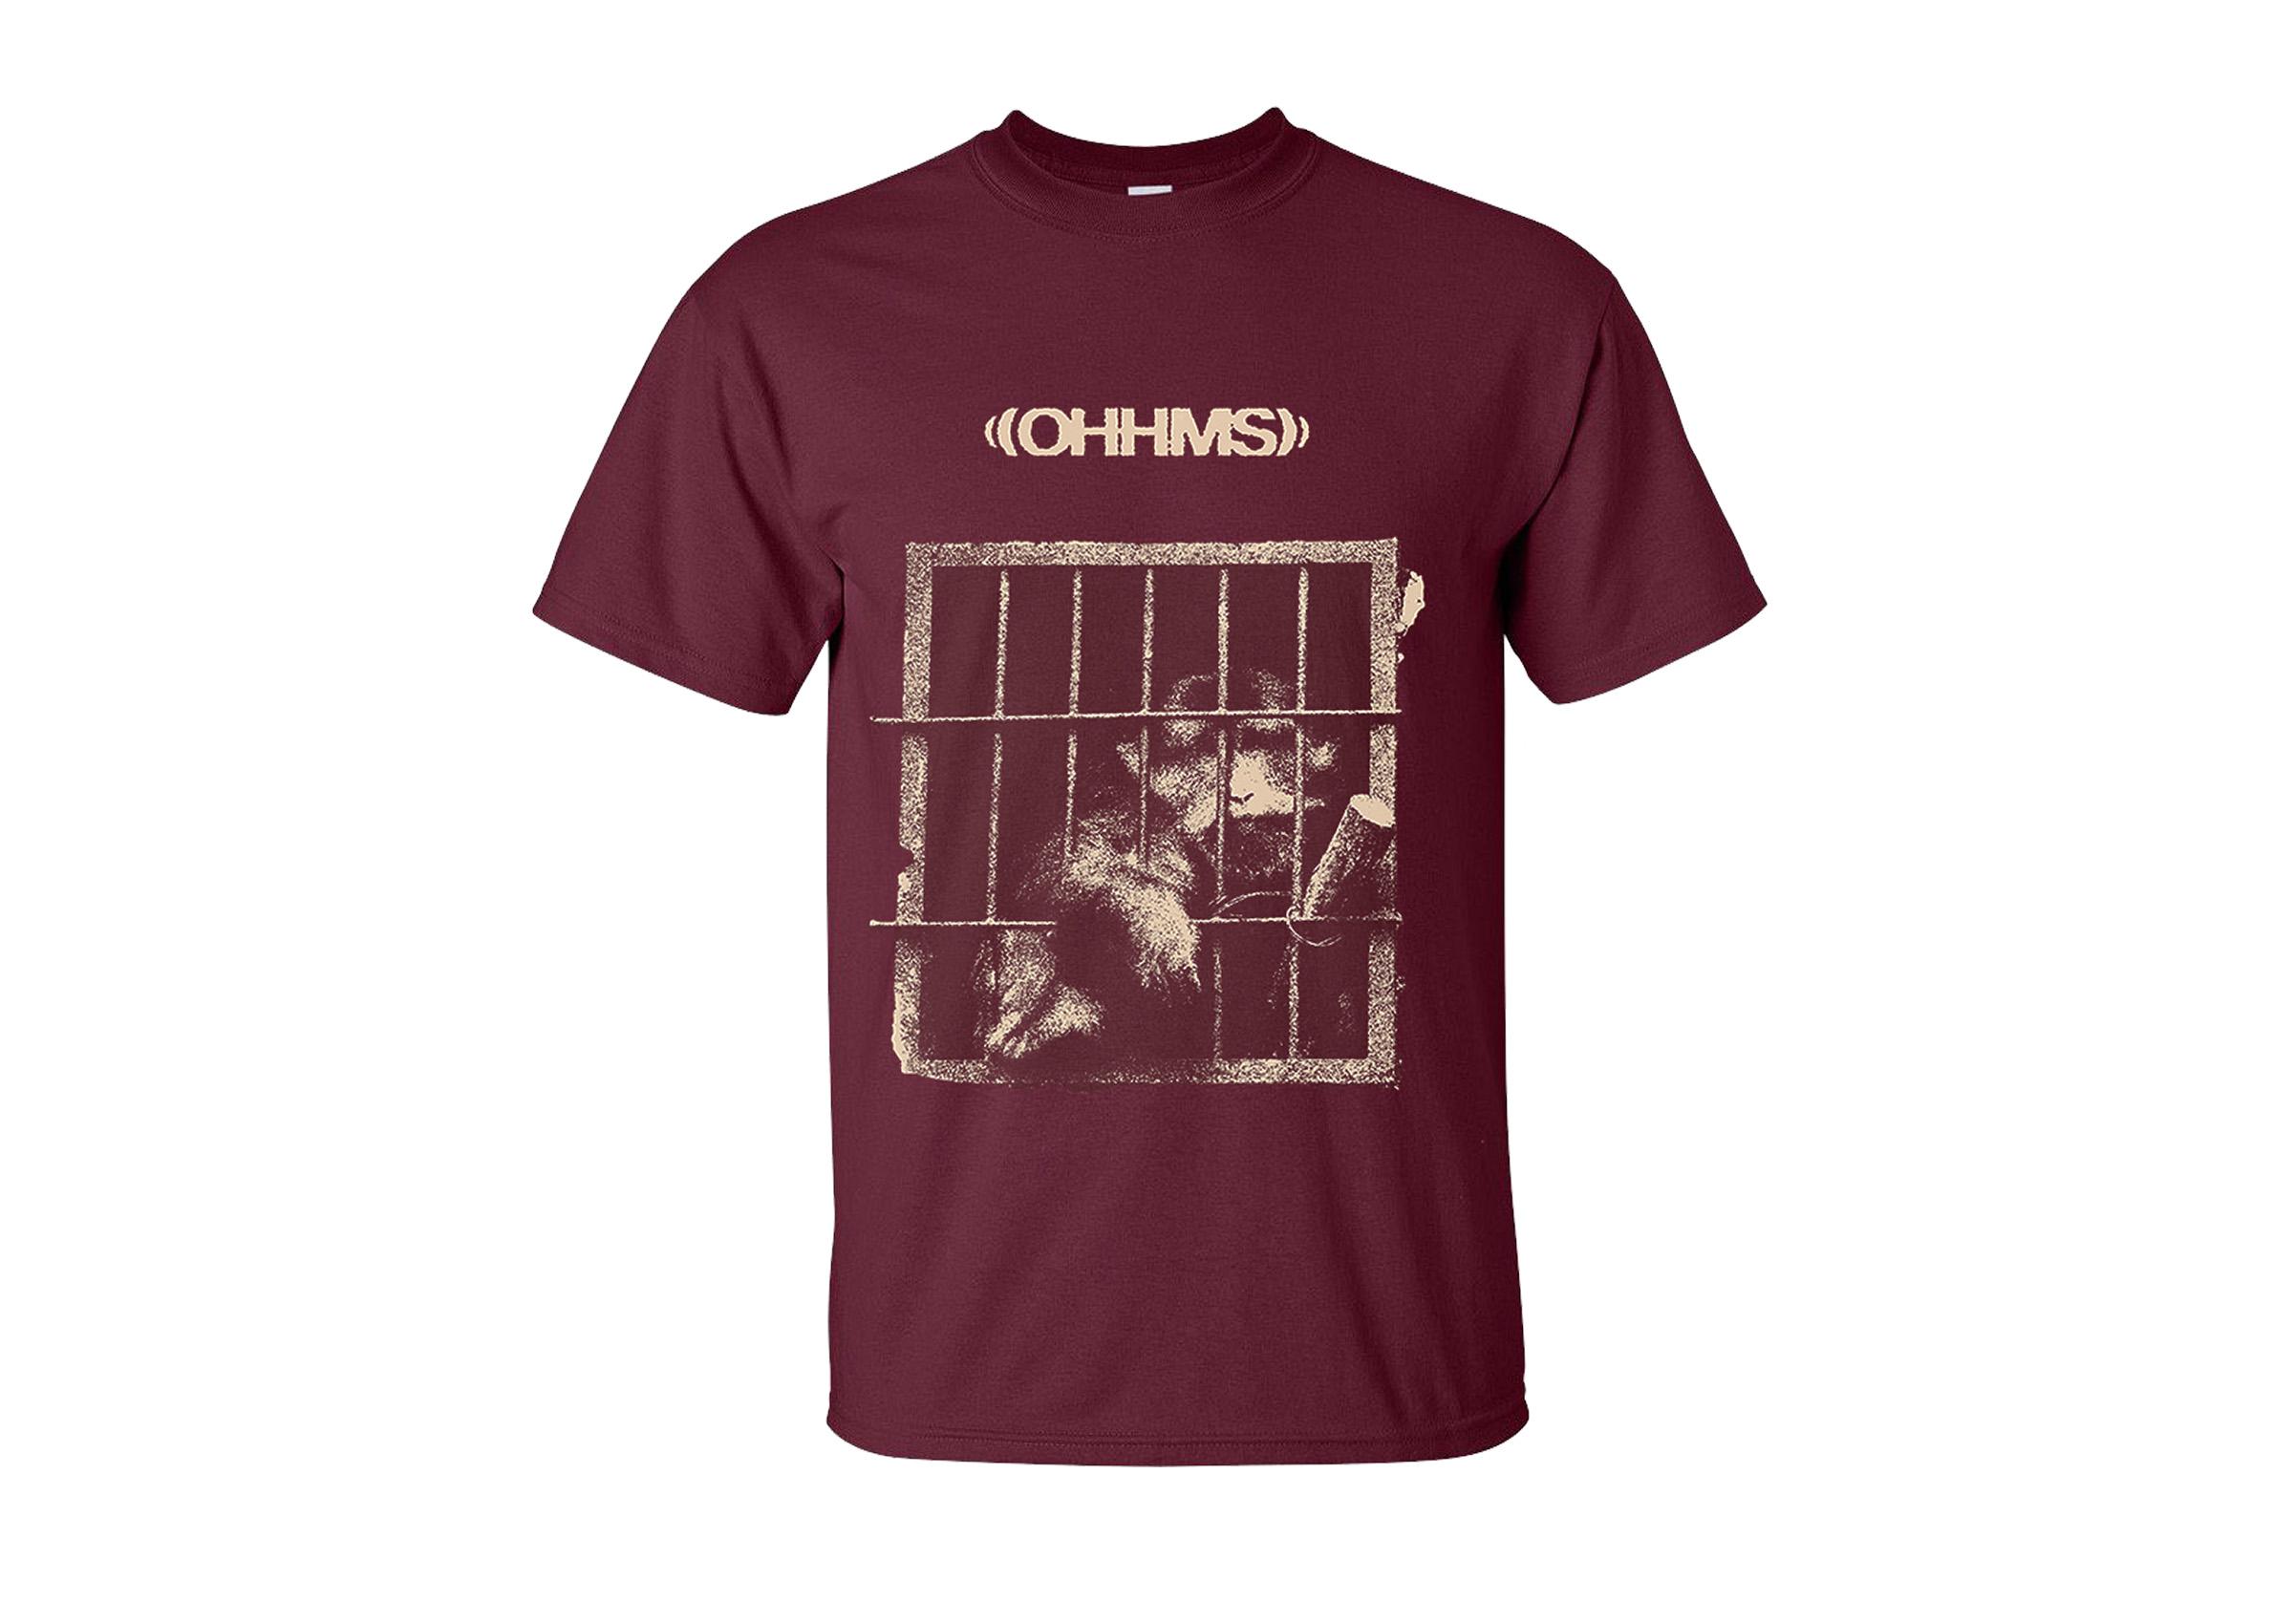 OHHMS - Exist Monkey shirt